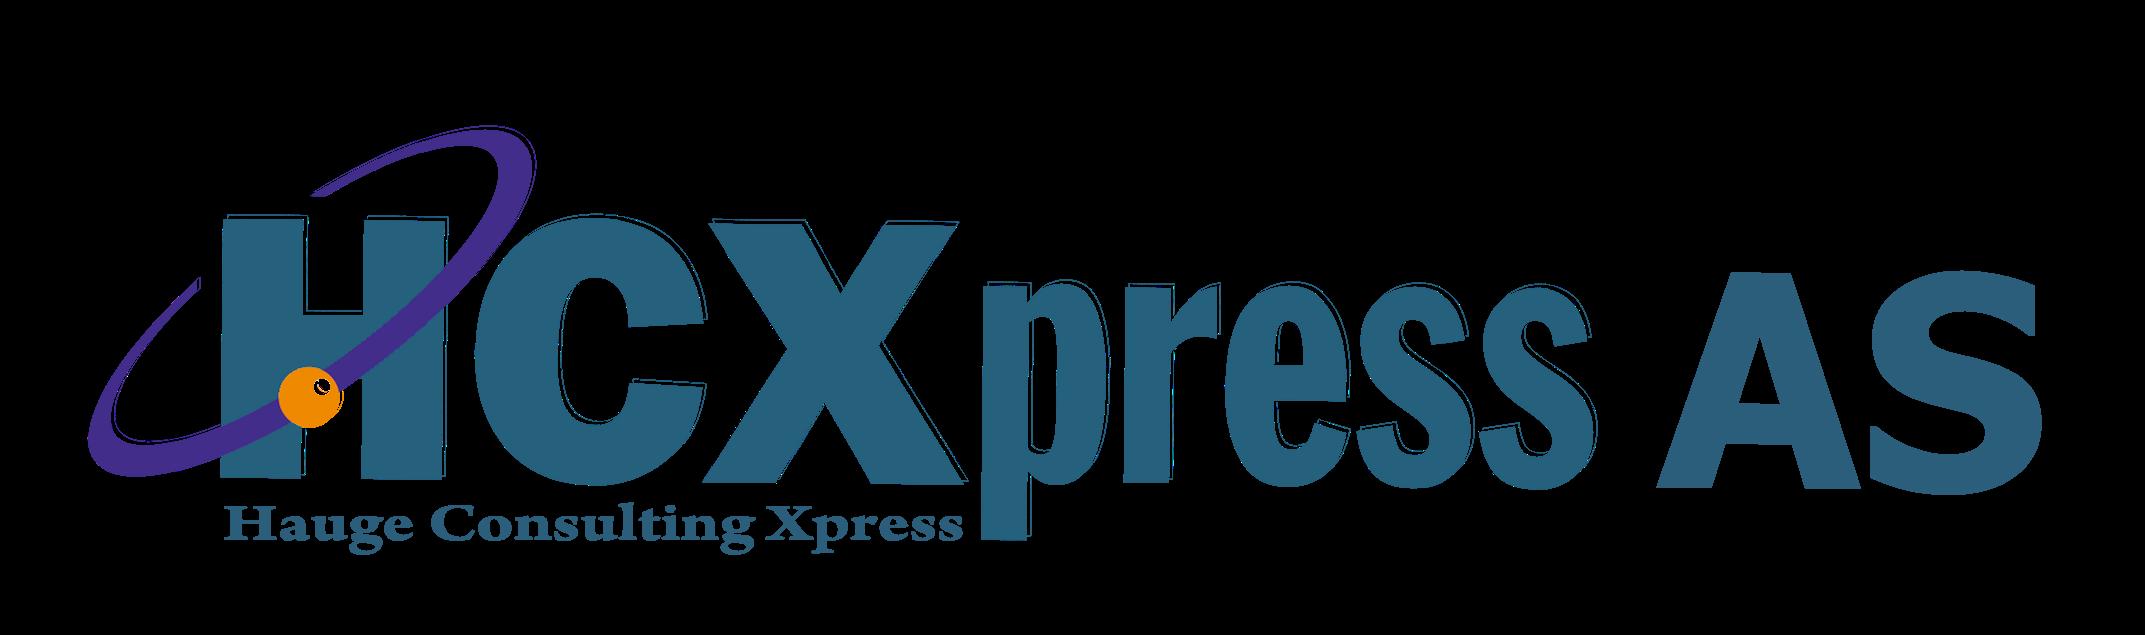 HCXpress AS Logo